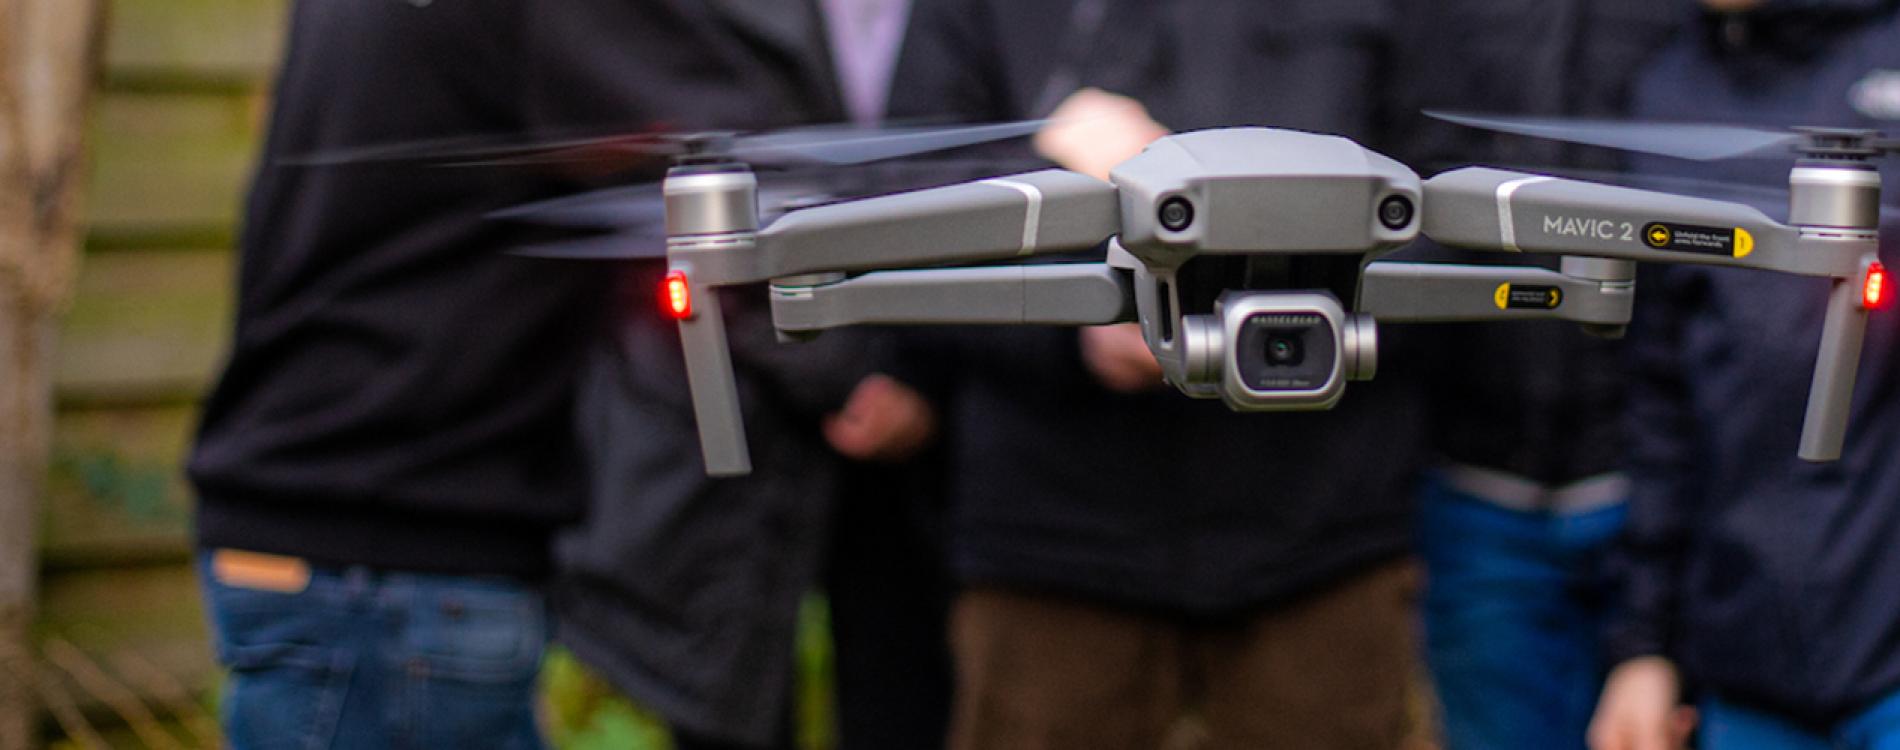 Zwevende drone